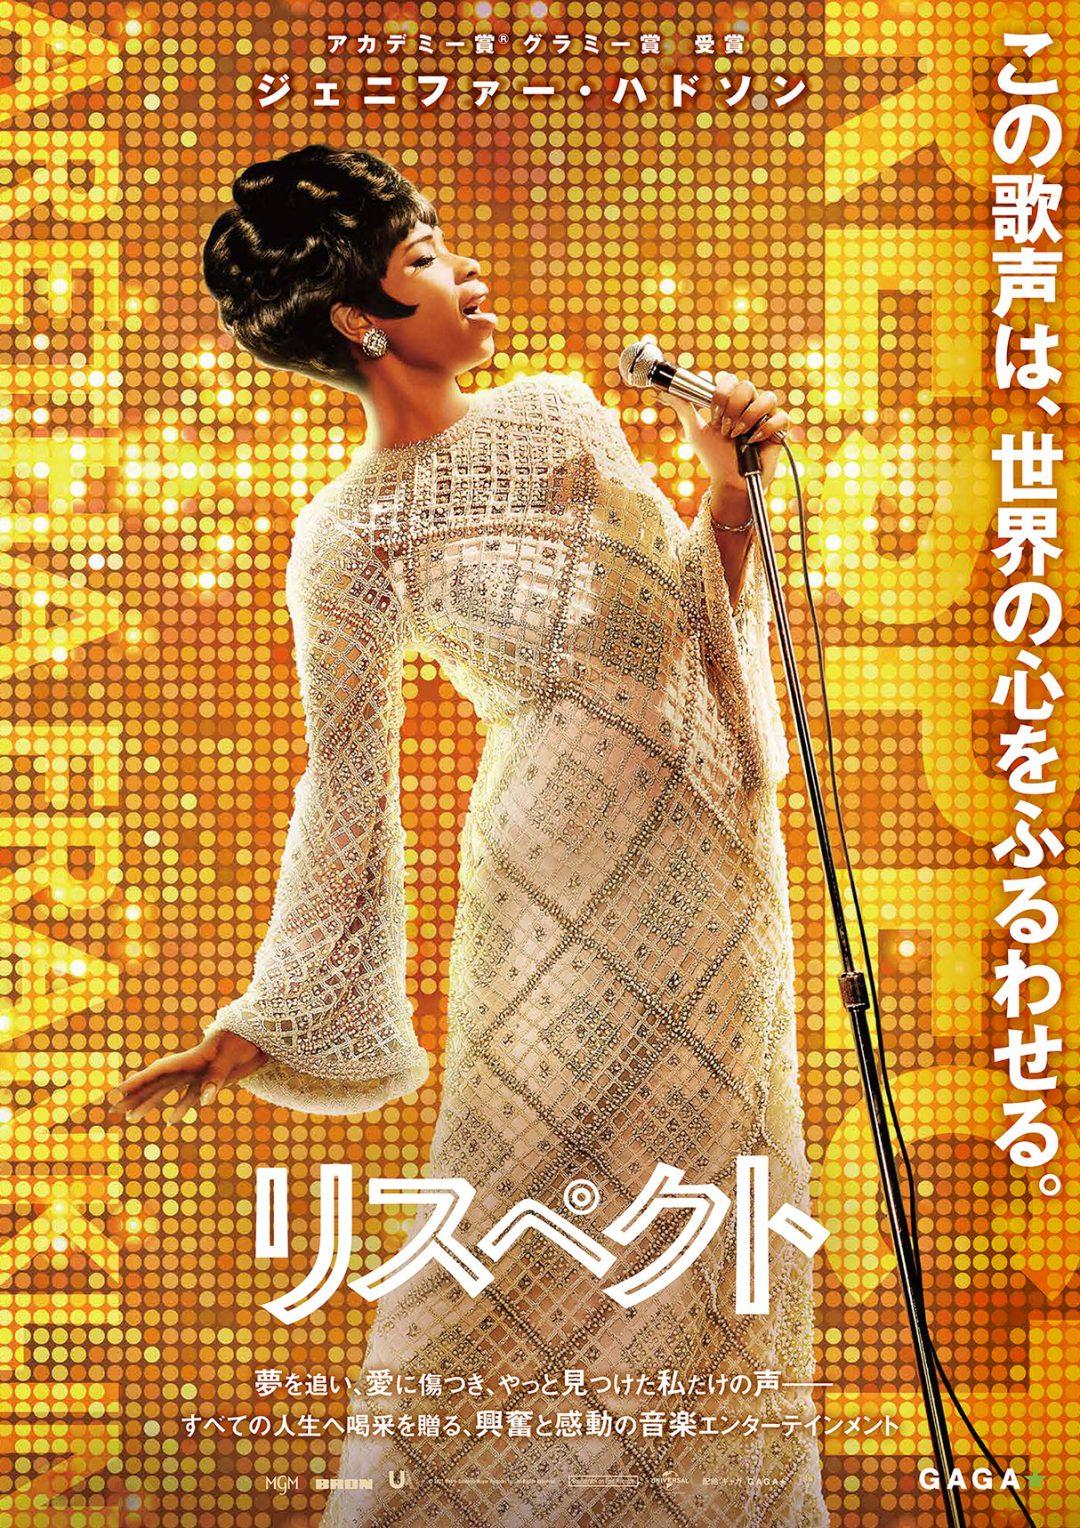 """""""ソウルの女王""""アレサ・フランクリン""""を描く映画『リスペクト』ジェニファー・ハドソンの圧倒的な歌声が世界を変えていく最新予告映像が公開"""